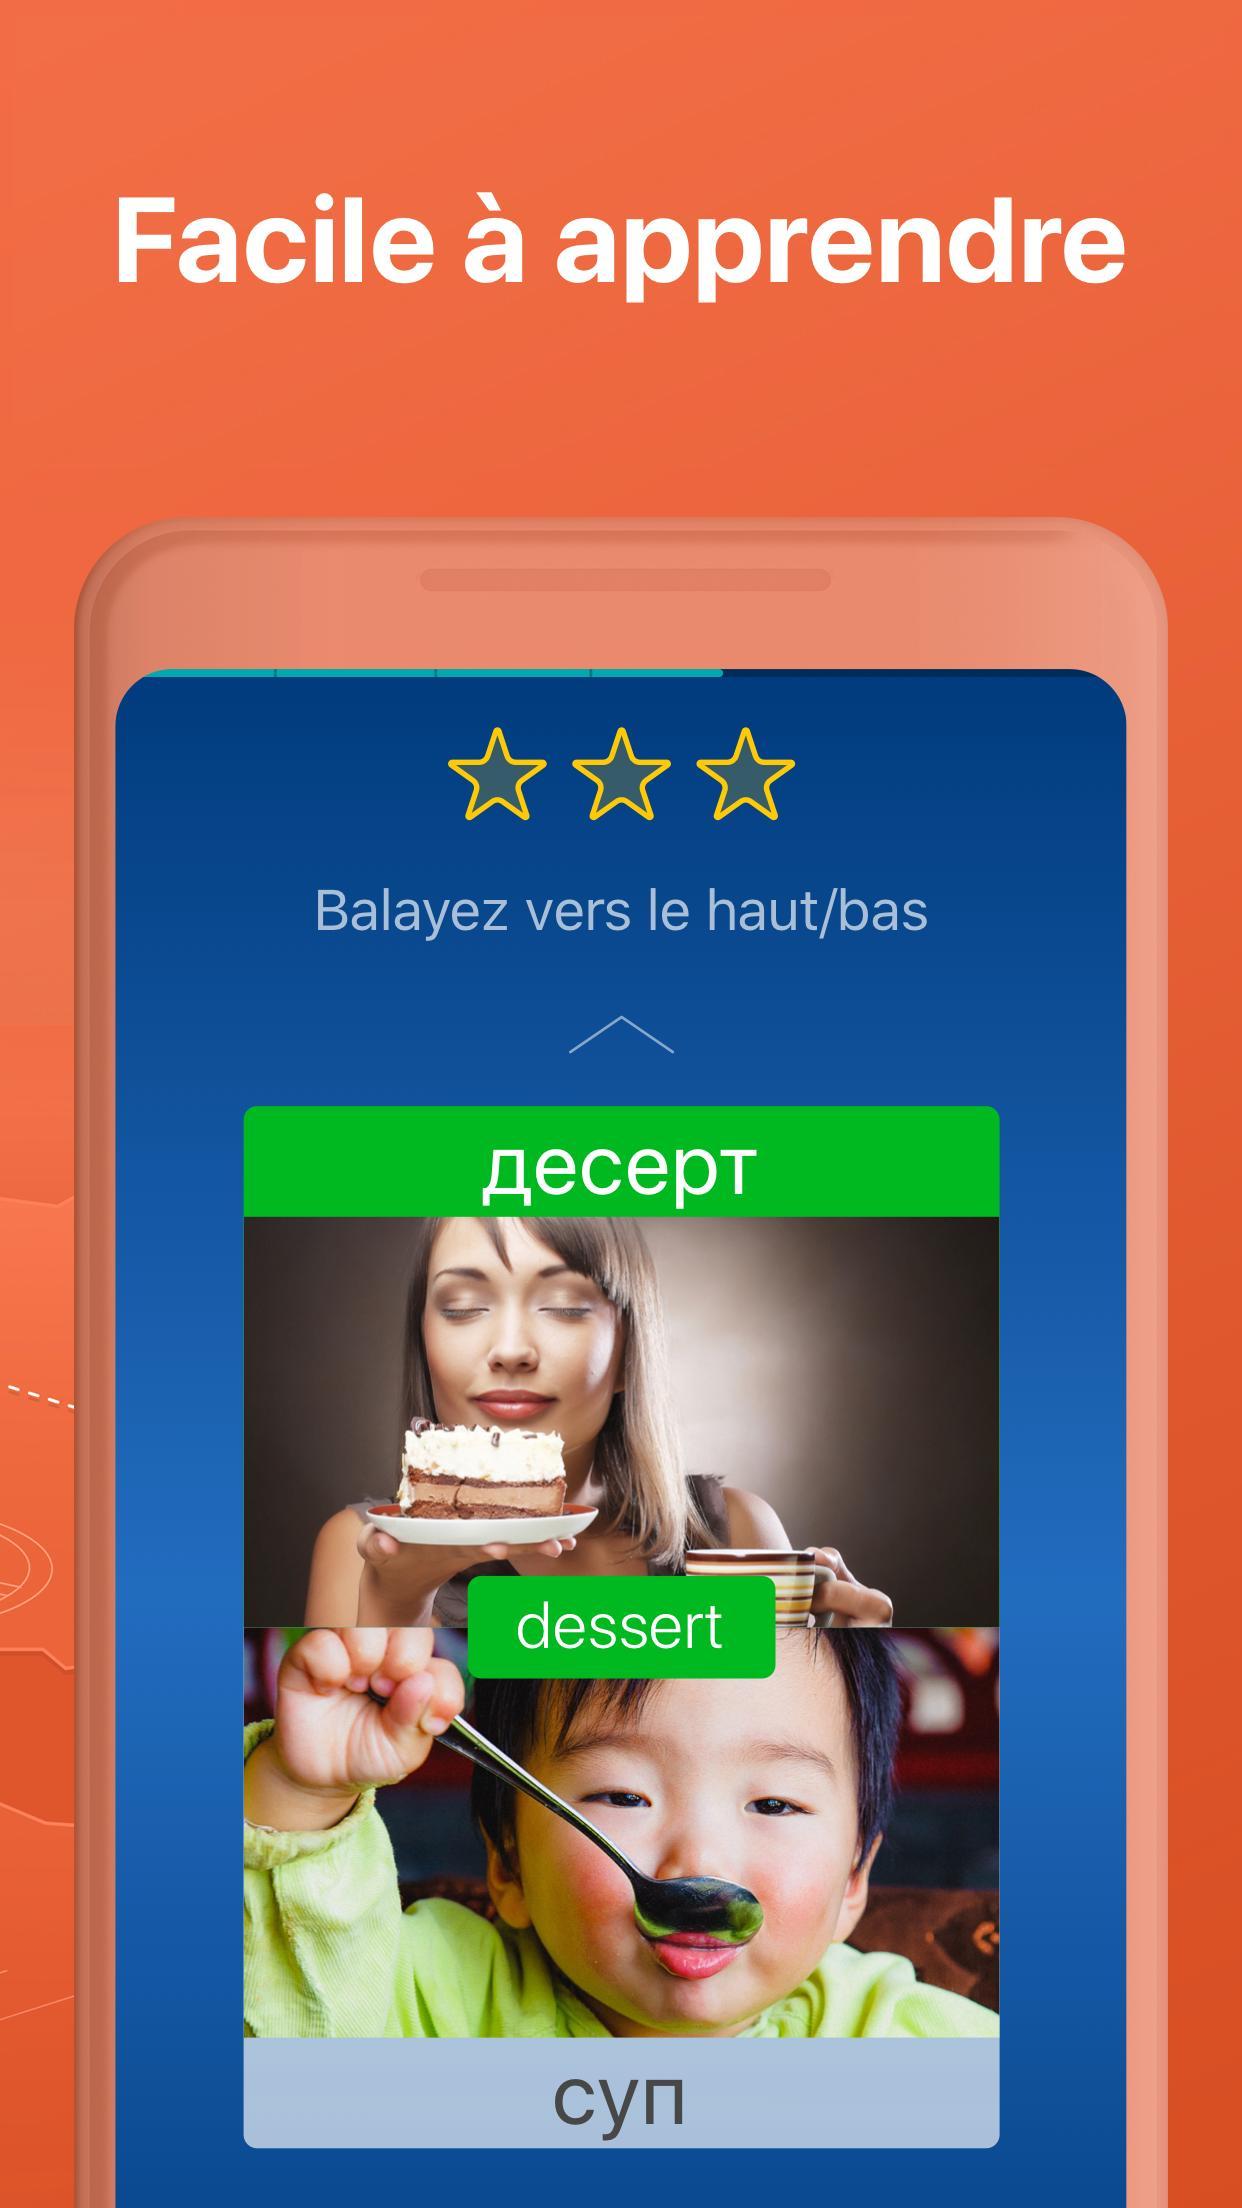 Apprendre Le Russe Gratuit Pour Android - Téléchargez L'apk avec Apprendre Le Russe Facilement Gratuitement